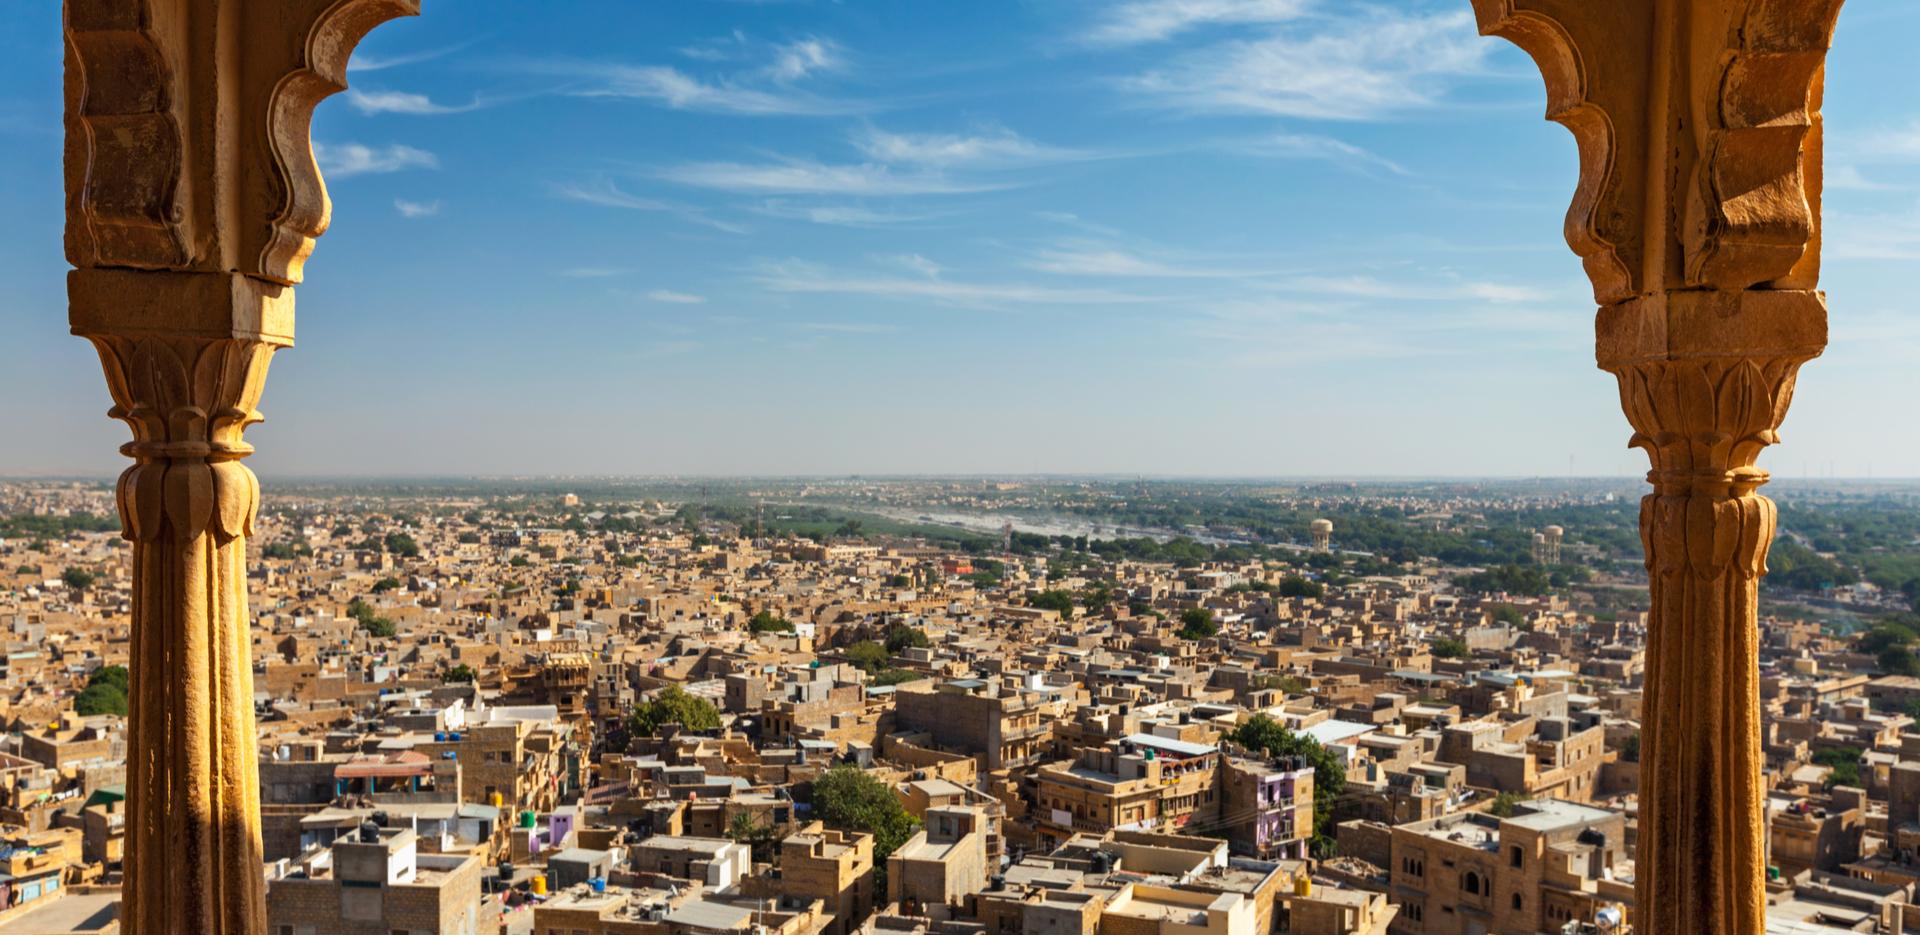 Jaisalmer City Rajasthan